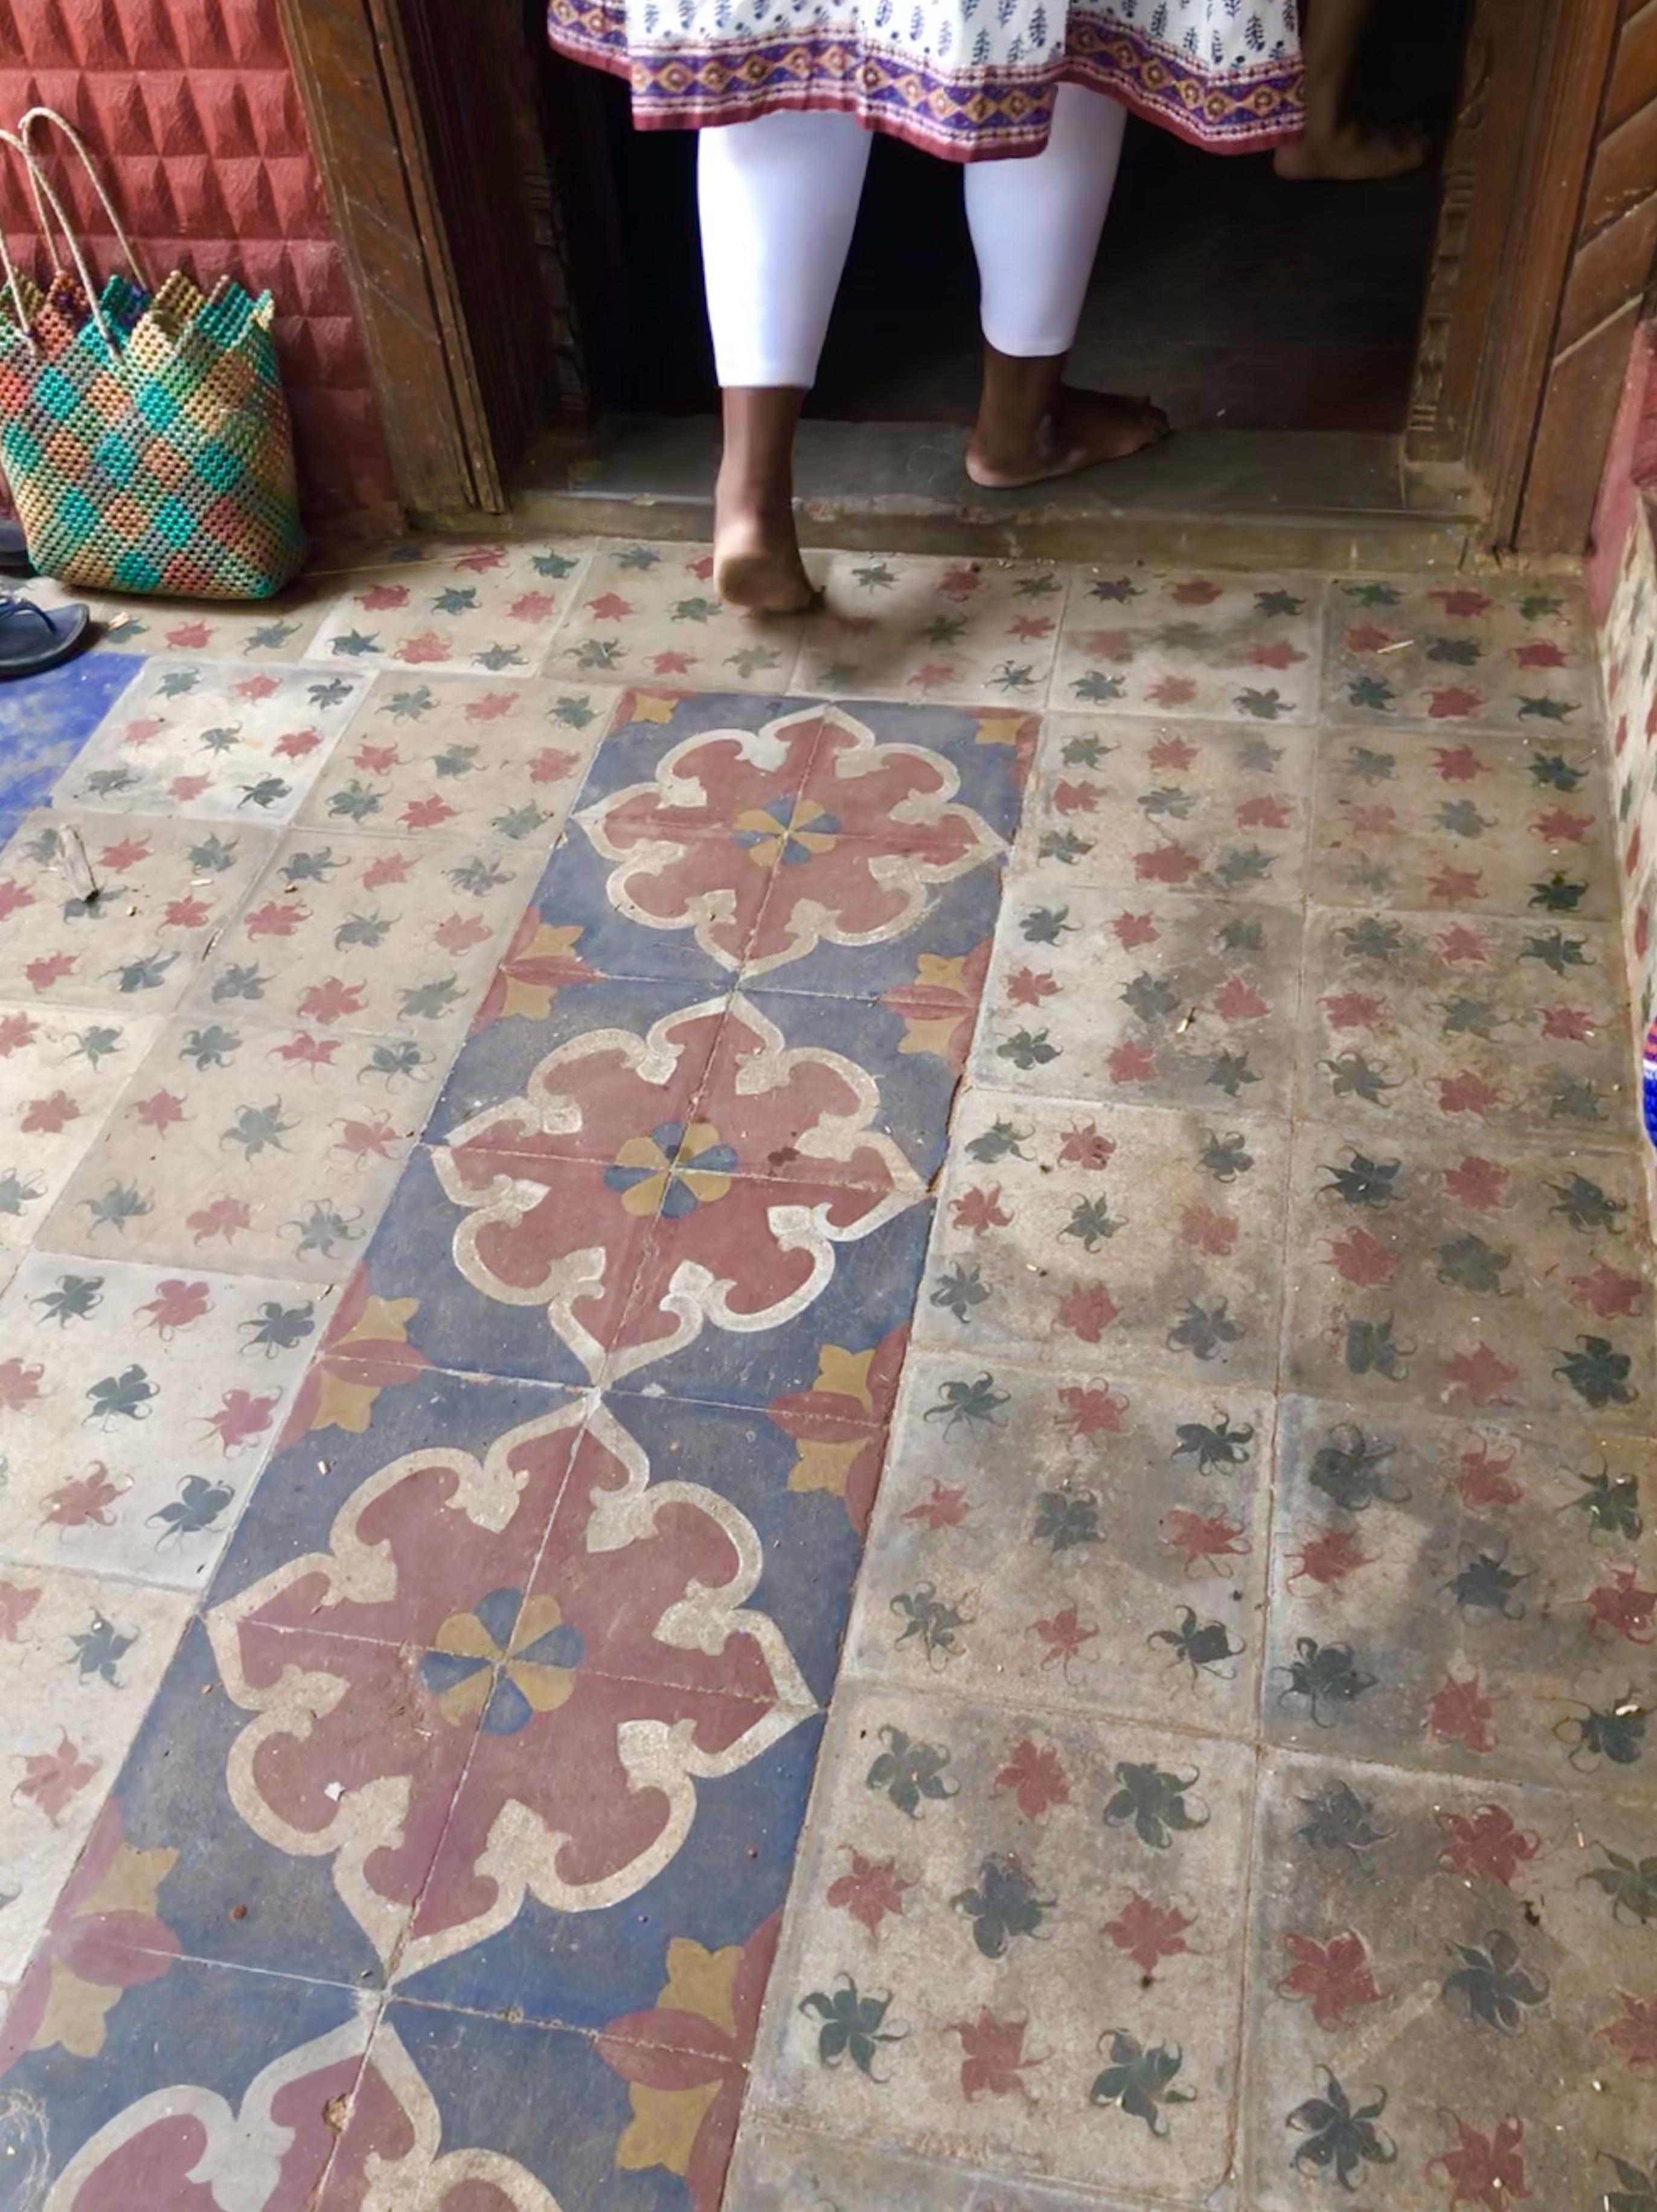 Indian tile patterns